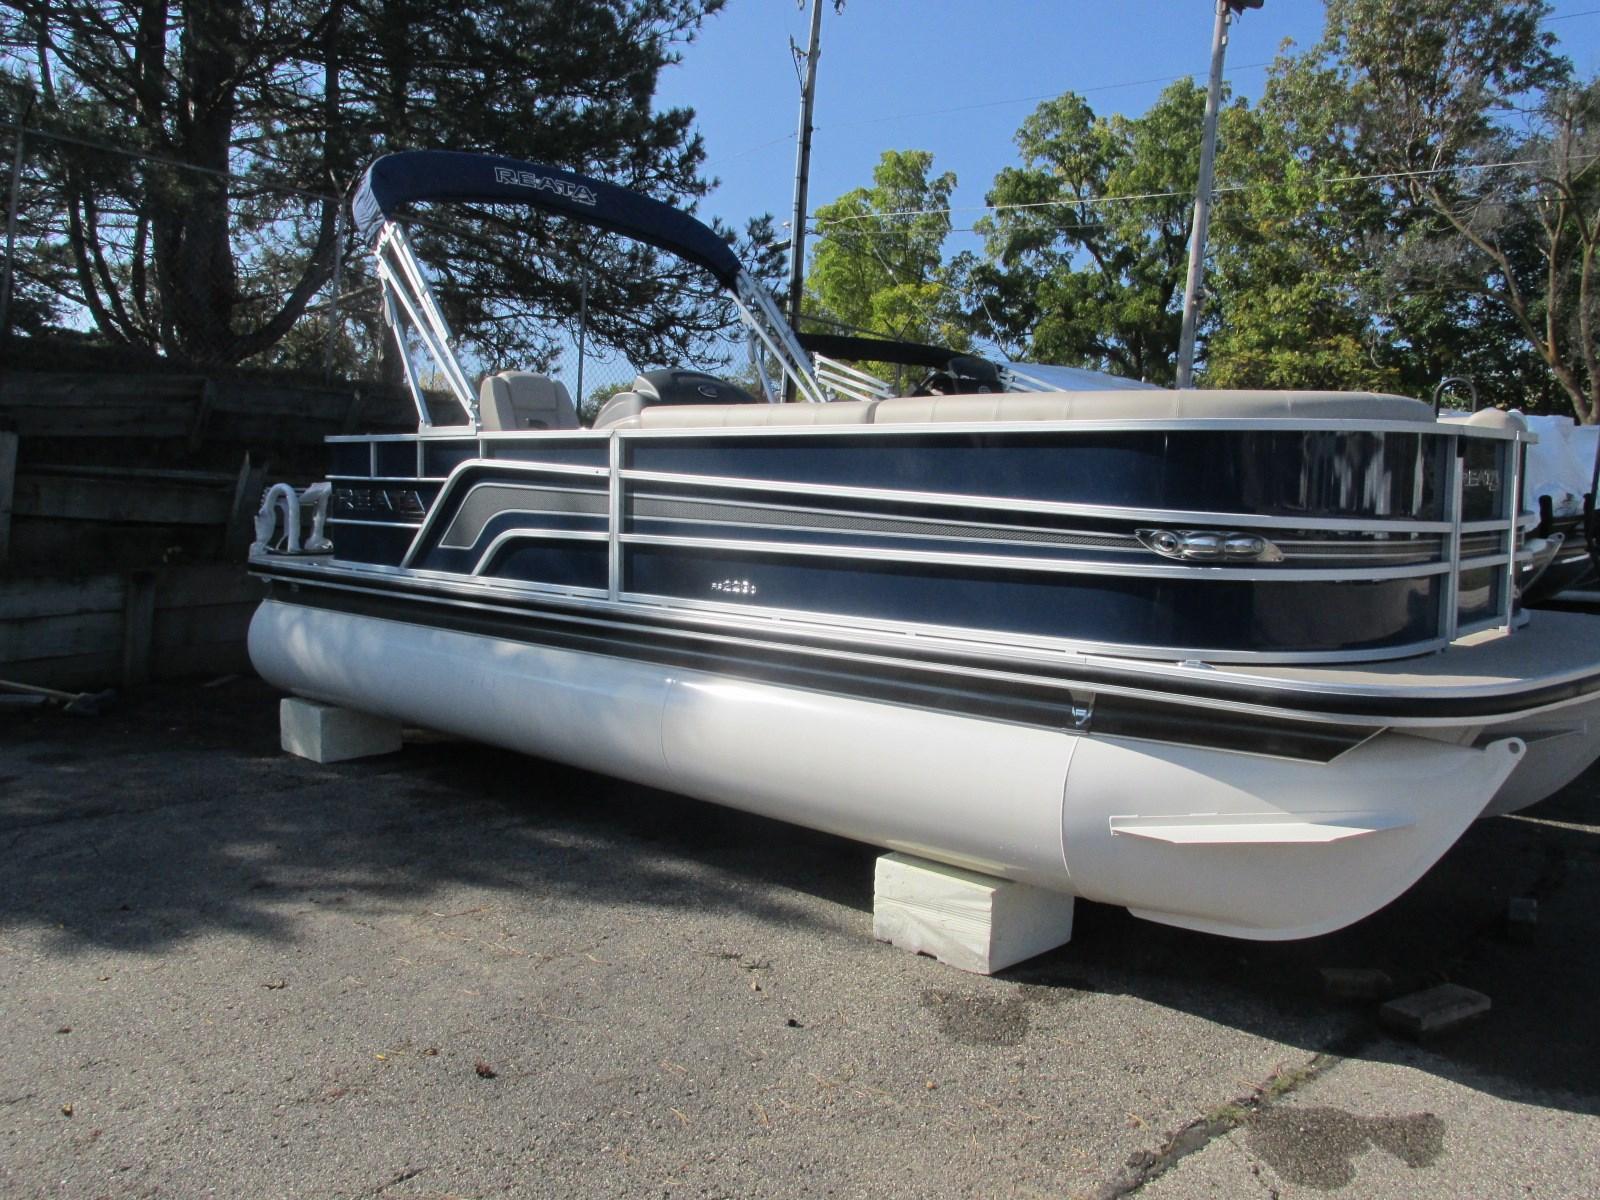 RangerReata 223 Cruise